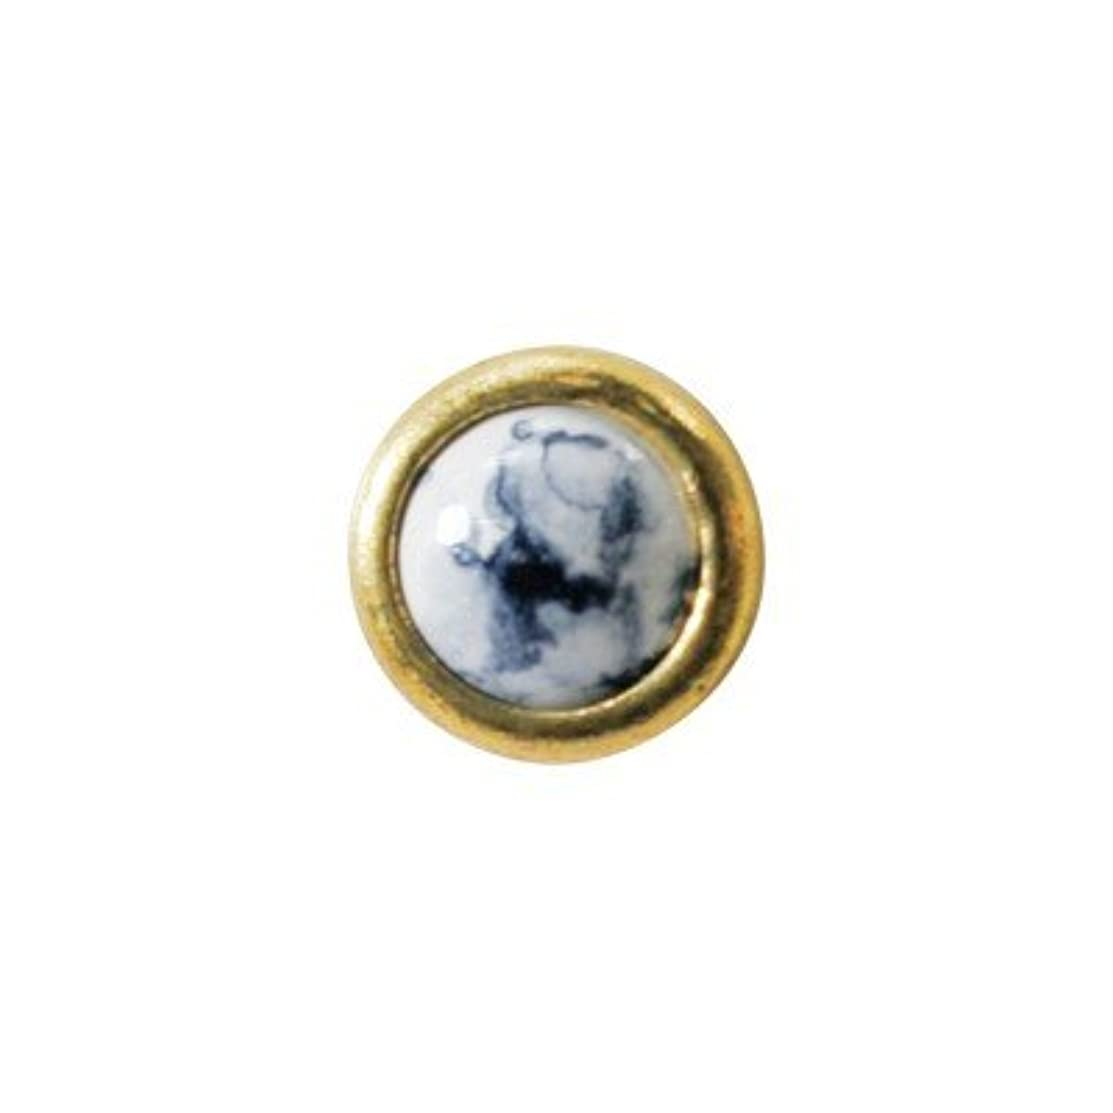 共和国申し込む釈義クレア ゴールド&ラウンド ホワイトマーブリー NP-124G 10p